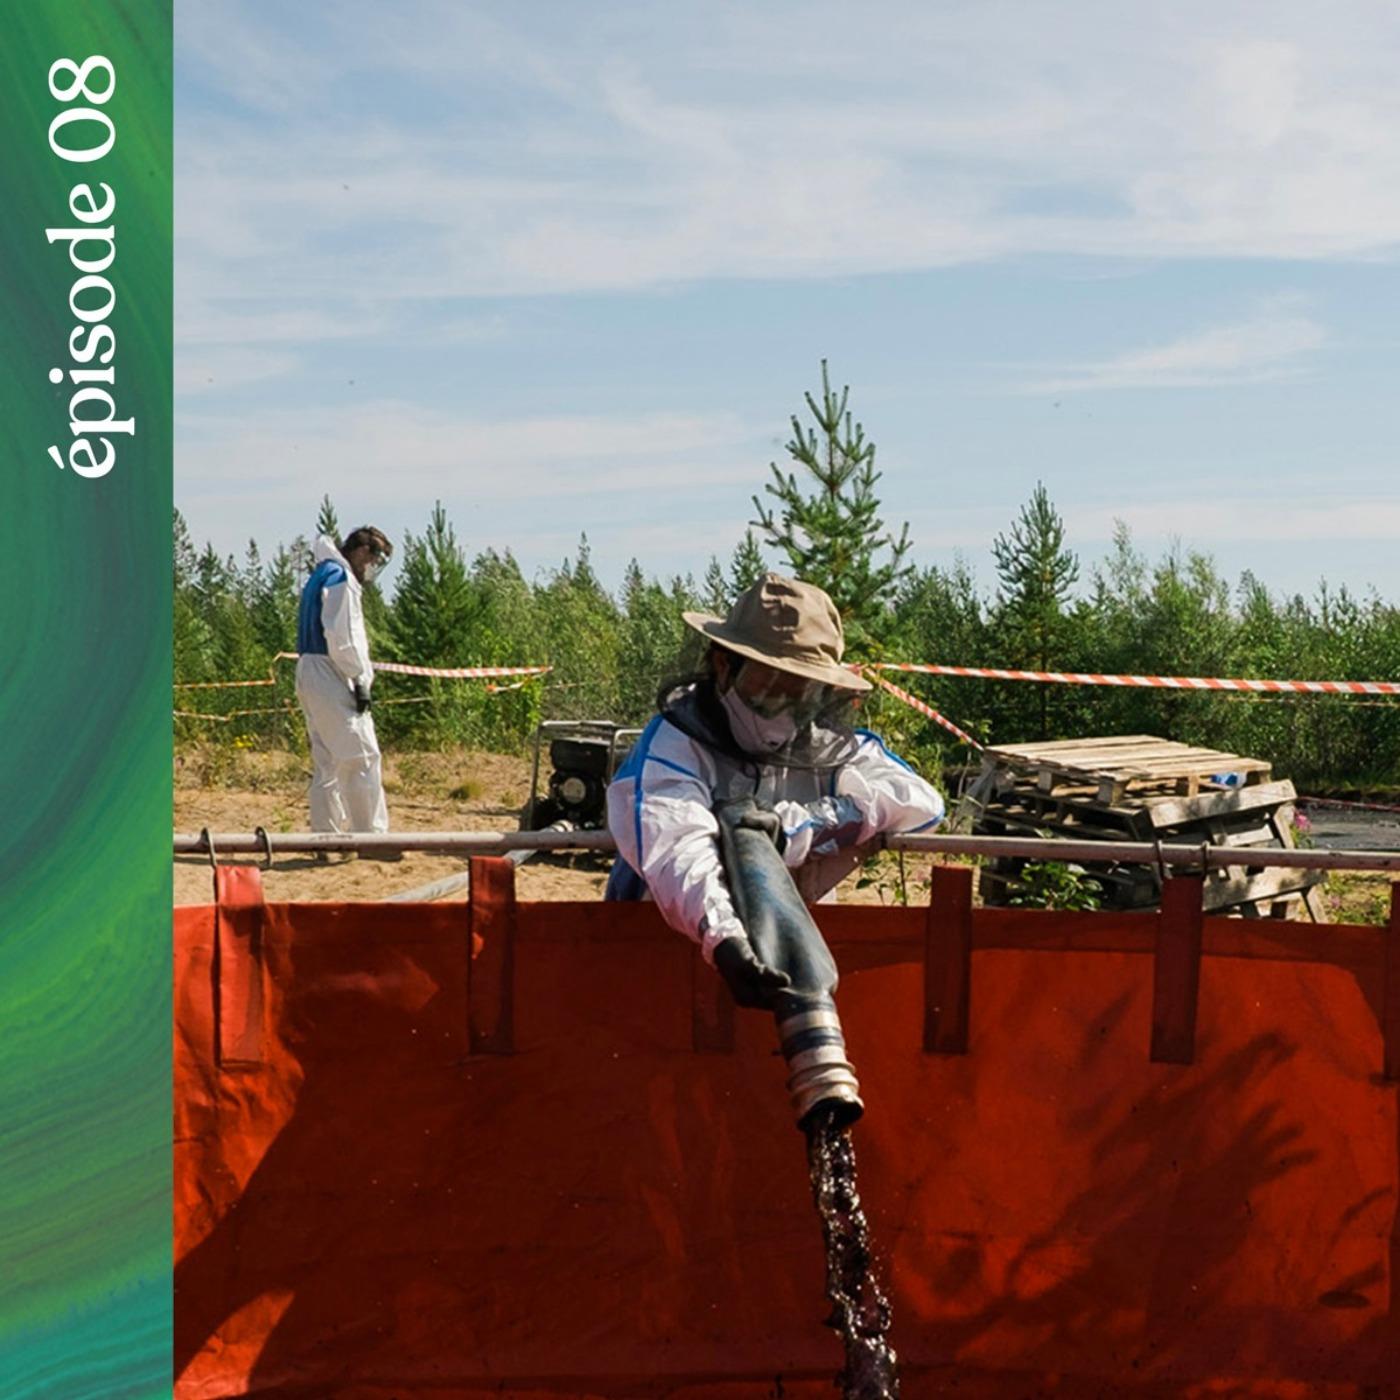 #08 — Noir pétrole dans l'Arctique russe, avec Alban Grosdidier